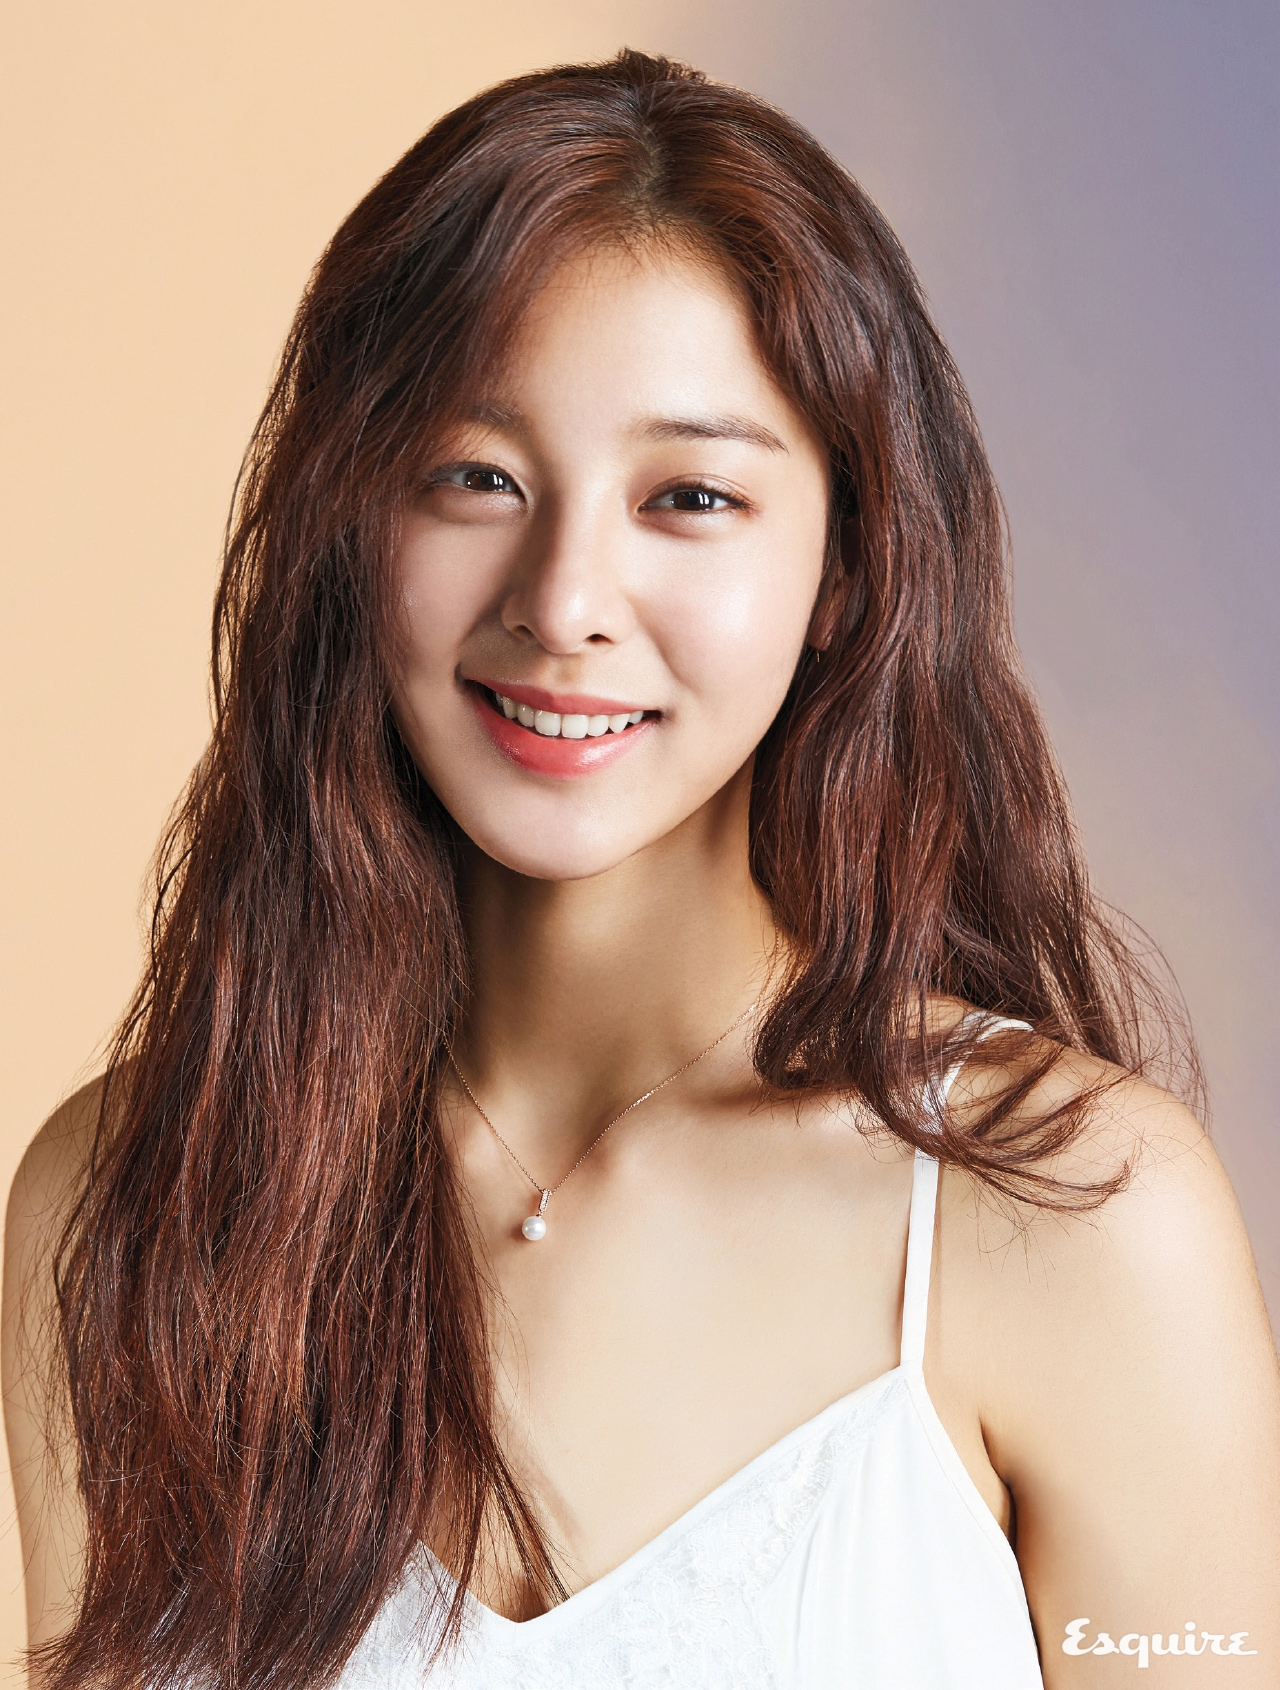 2017'S RAISING STAR - 에스콰이어 Esquire Korea 2017년 2월호